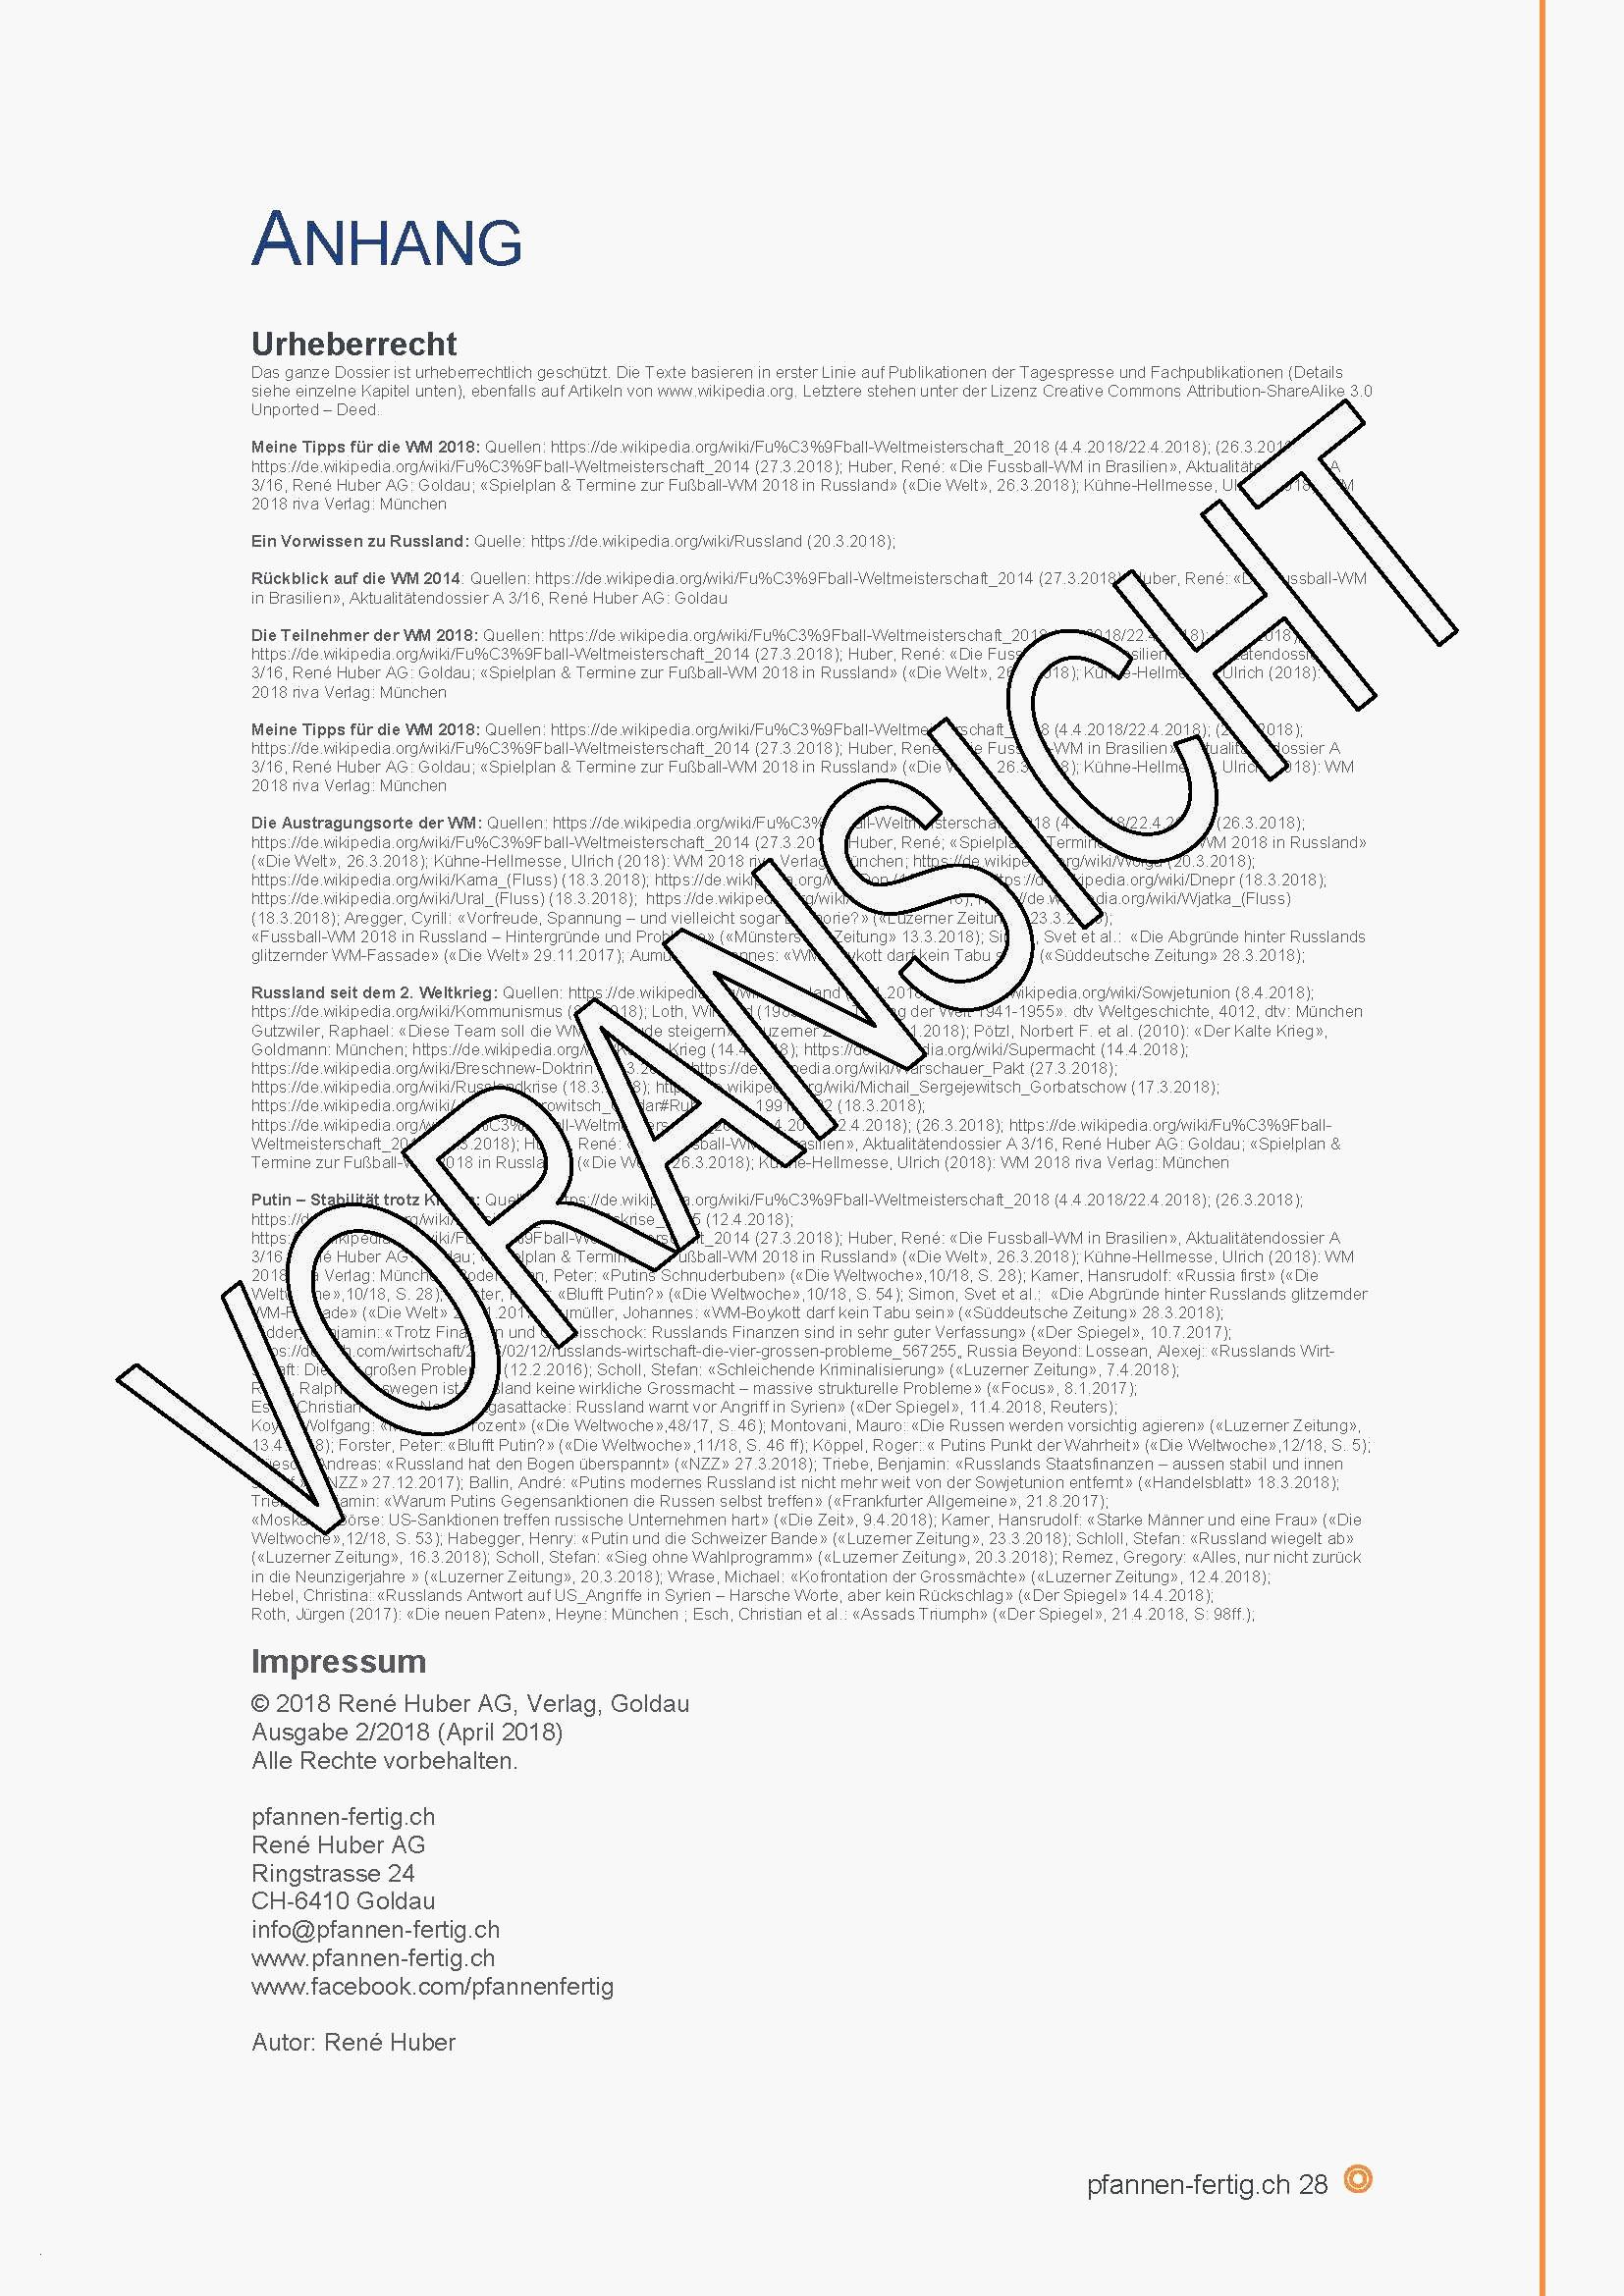 Igel Vorlage Zum Ausdrucken Einzigartig Fussball Vorlagen Zum Ausdrucken Beratung Bayern Ausmalbilder Frisch Sammlung